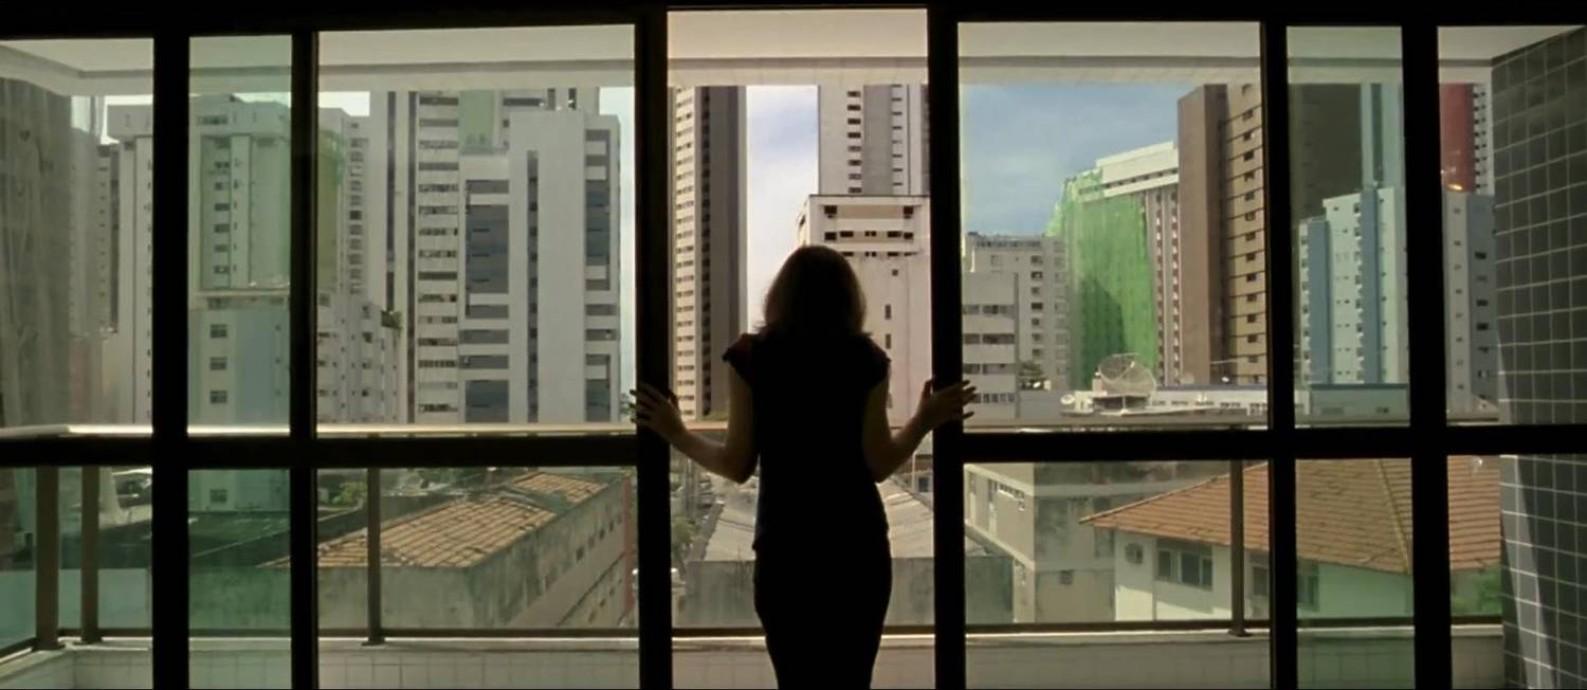 Cena de 'O som ao redor', cujo orçamento está sendo contestado pelo MinC Foto: Reprodução